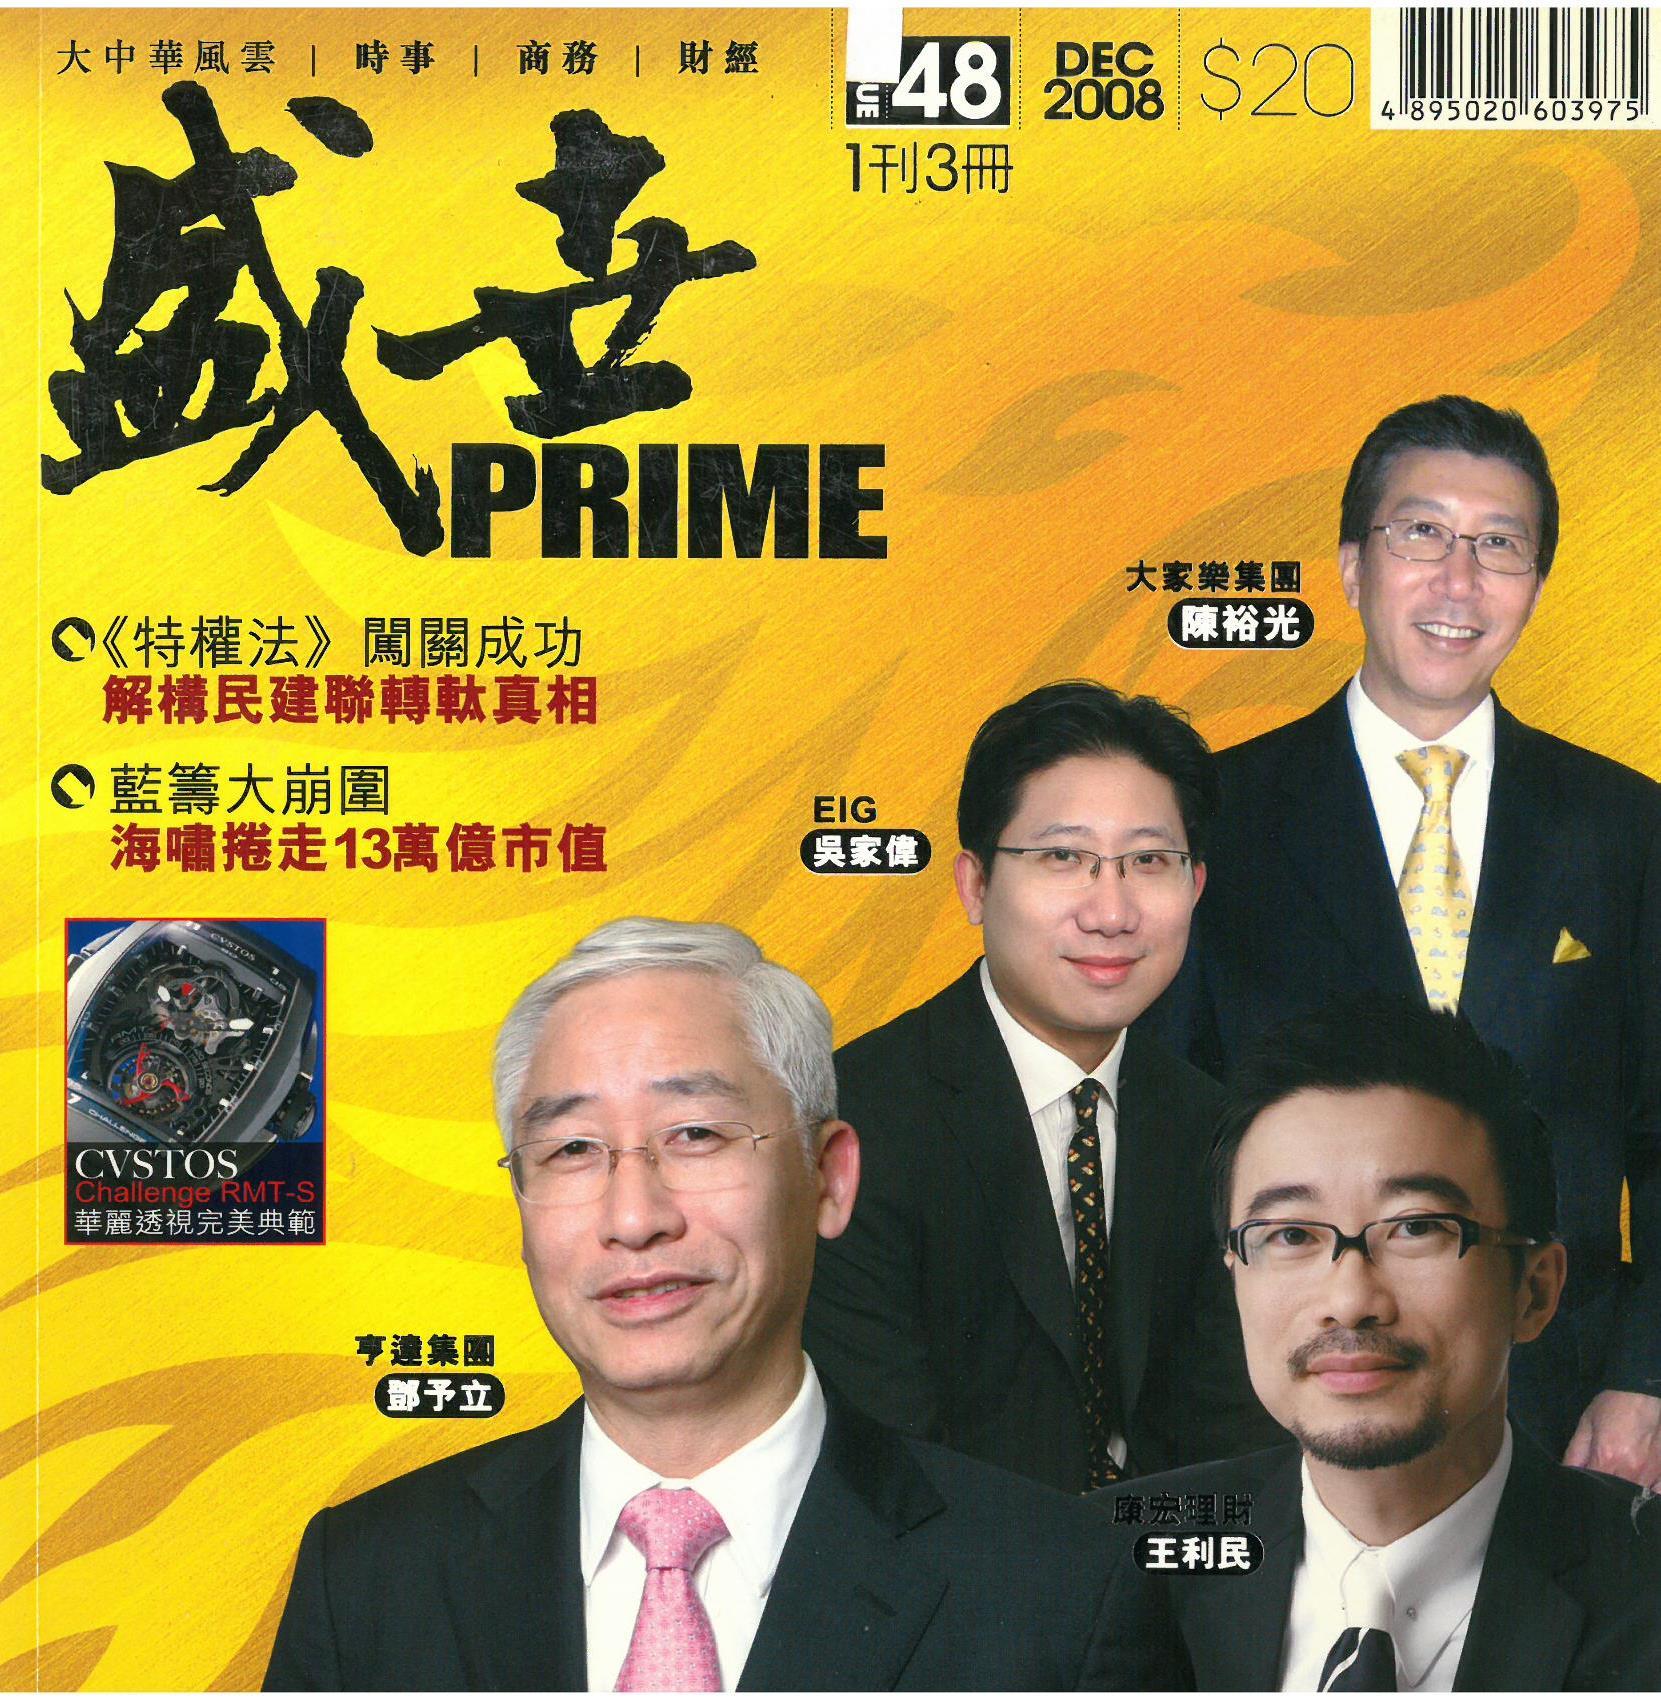 盛世雜誌封面